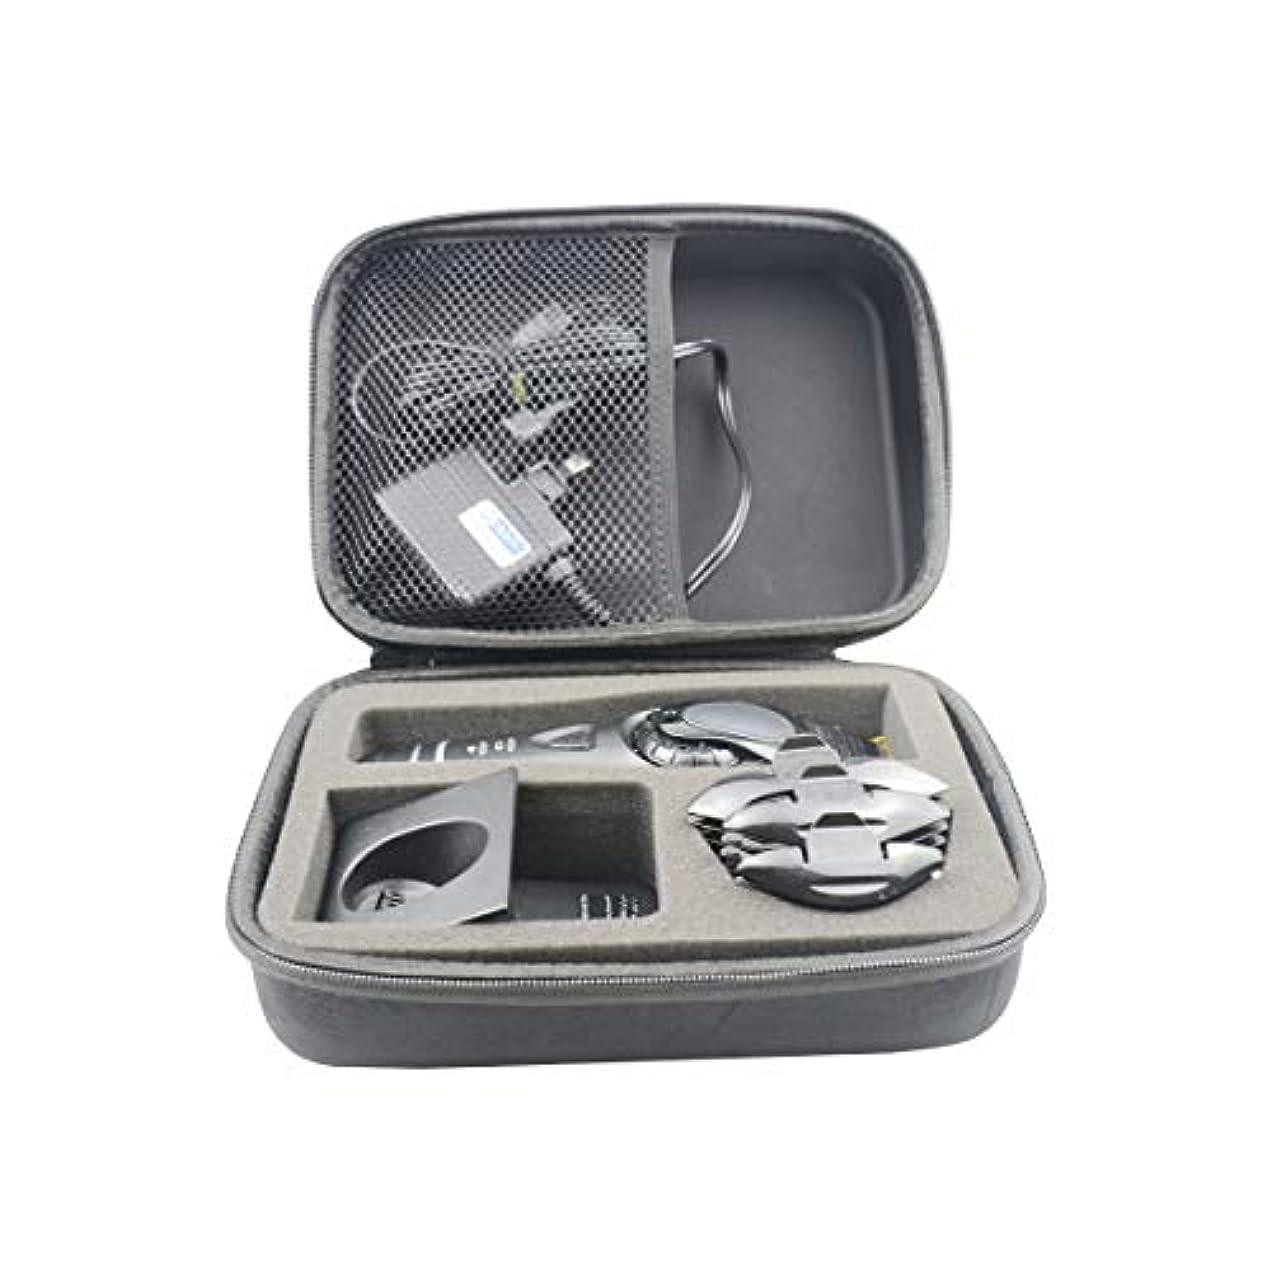 ヶ月目水没雄弁SANVSENパナソニックER-GP80 Kプロフェッショナルヘアクリッパーハードスーツケース